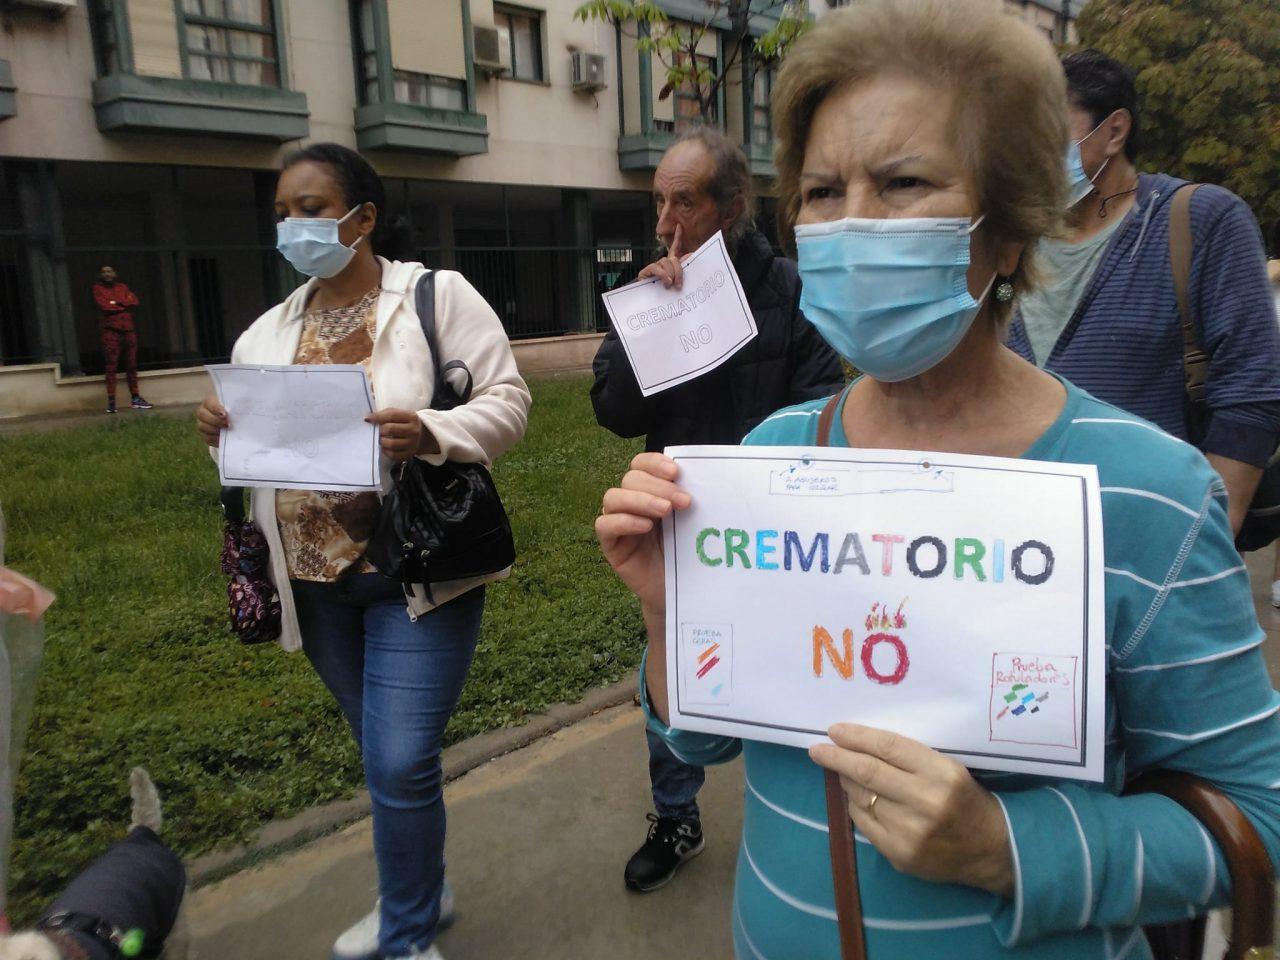 Alegría con cautela ante la decisión municipal de no autorizar el crematorio de la M-40